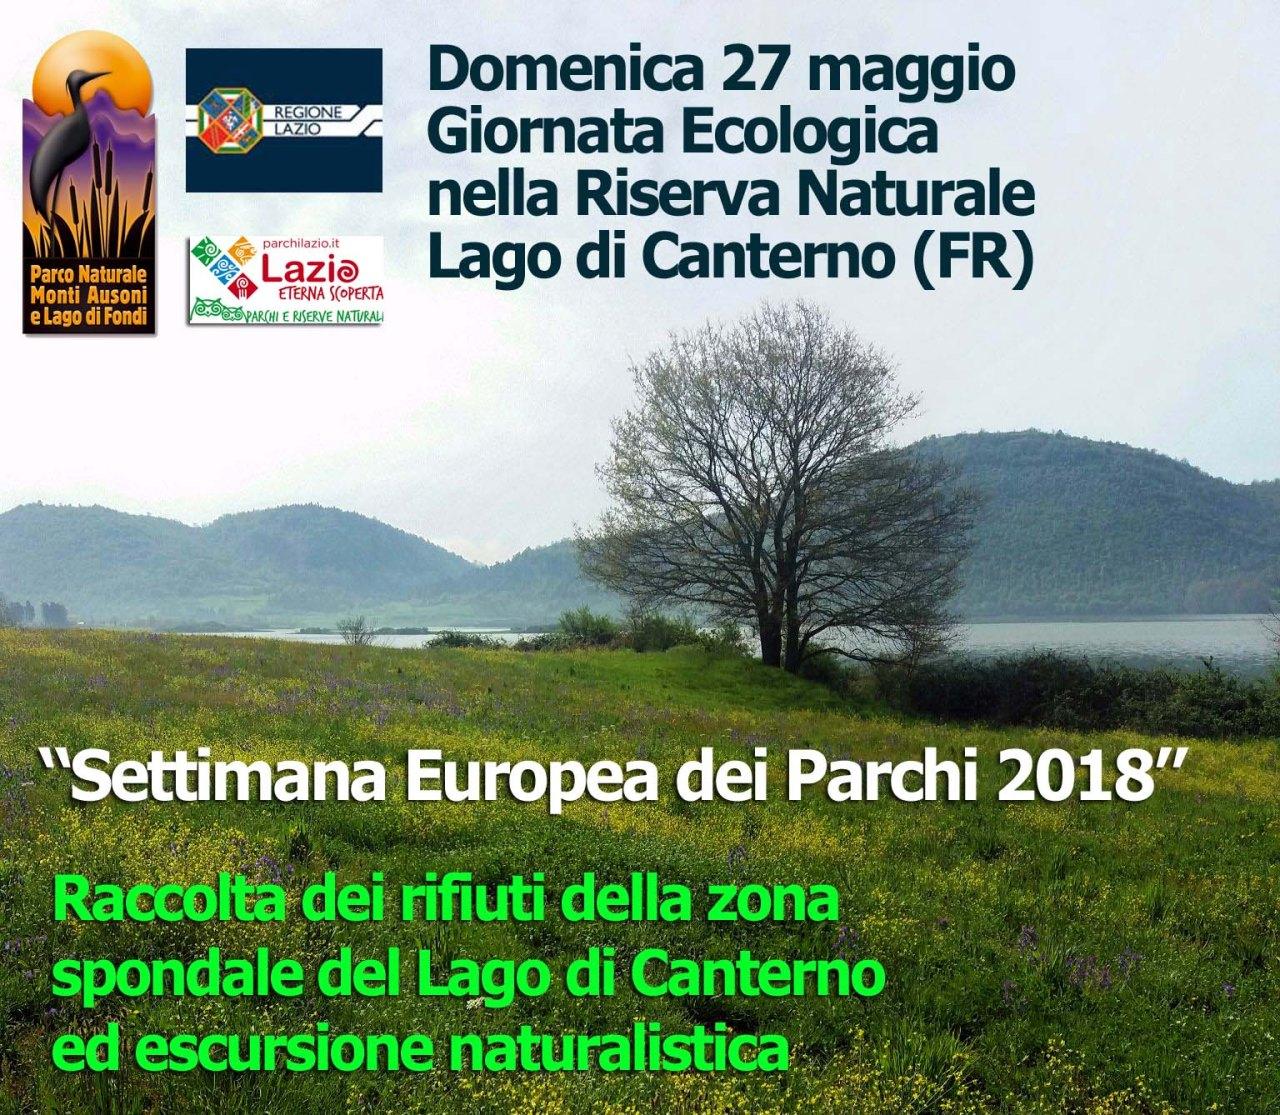 Parco Ausoni: Giornata ecologica nella Riserva Naturale Regionale Lago diCanterno